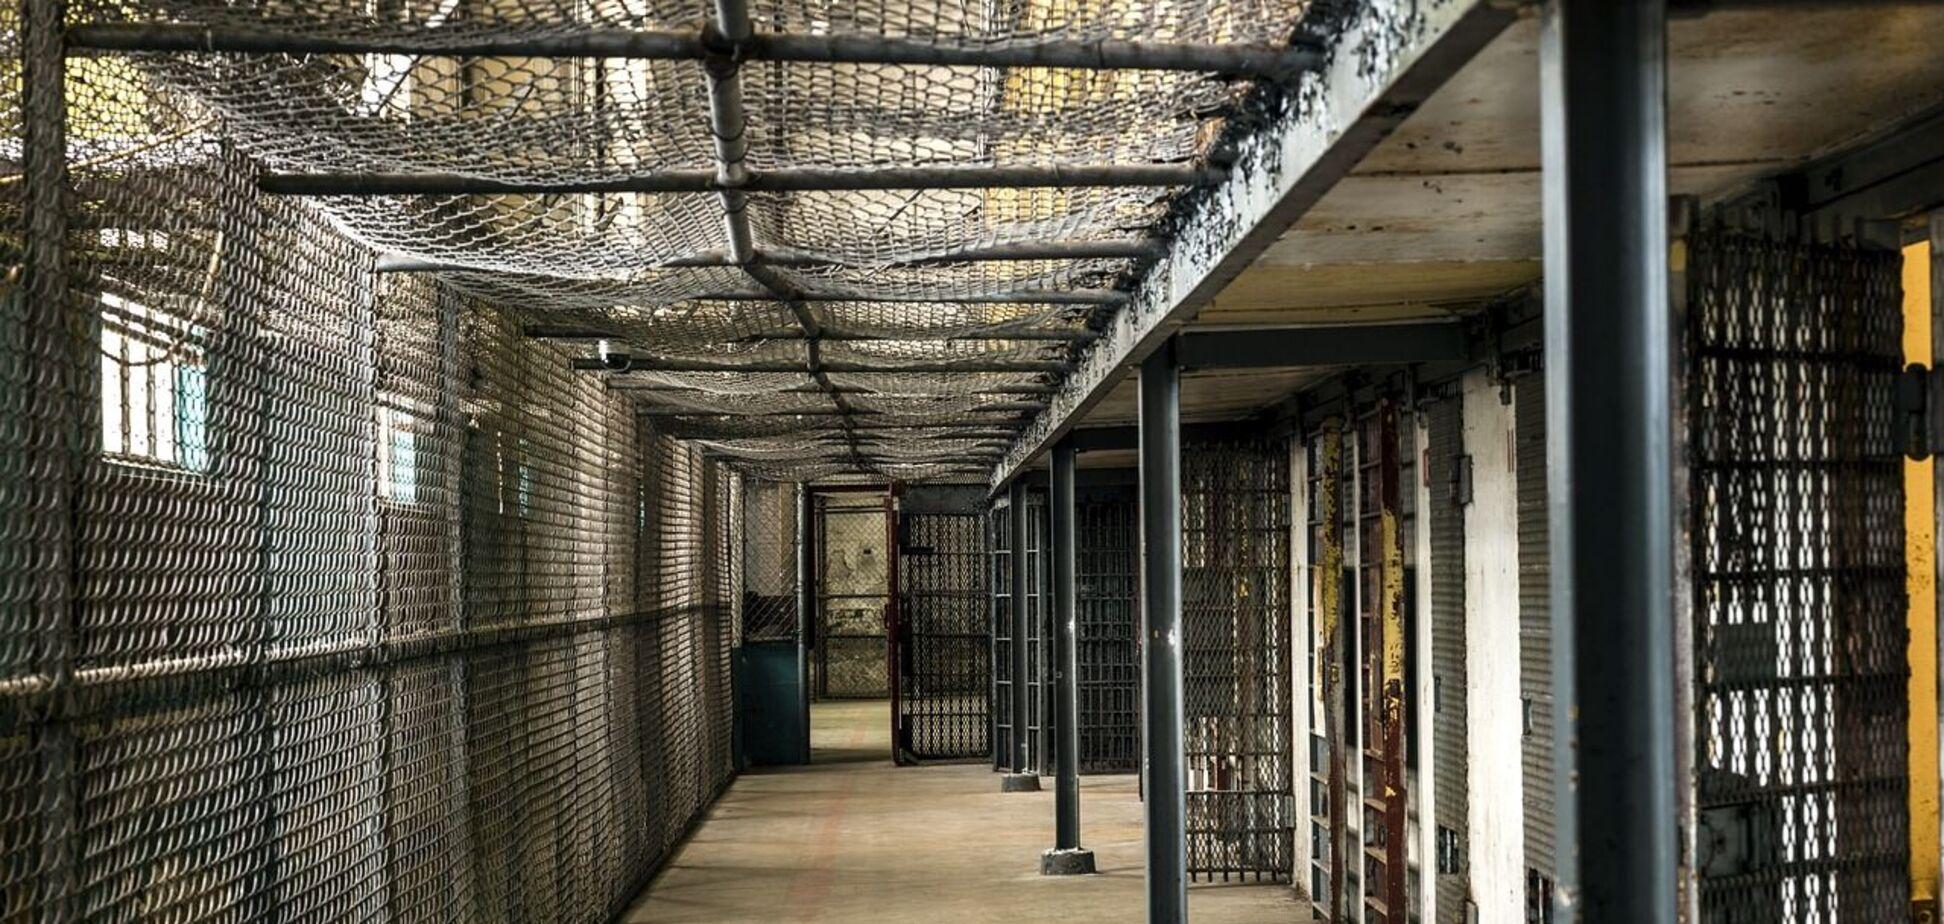 В российской колонии жестоко пытали заключенных: один из них умер. Новое видео 18+